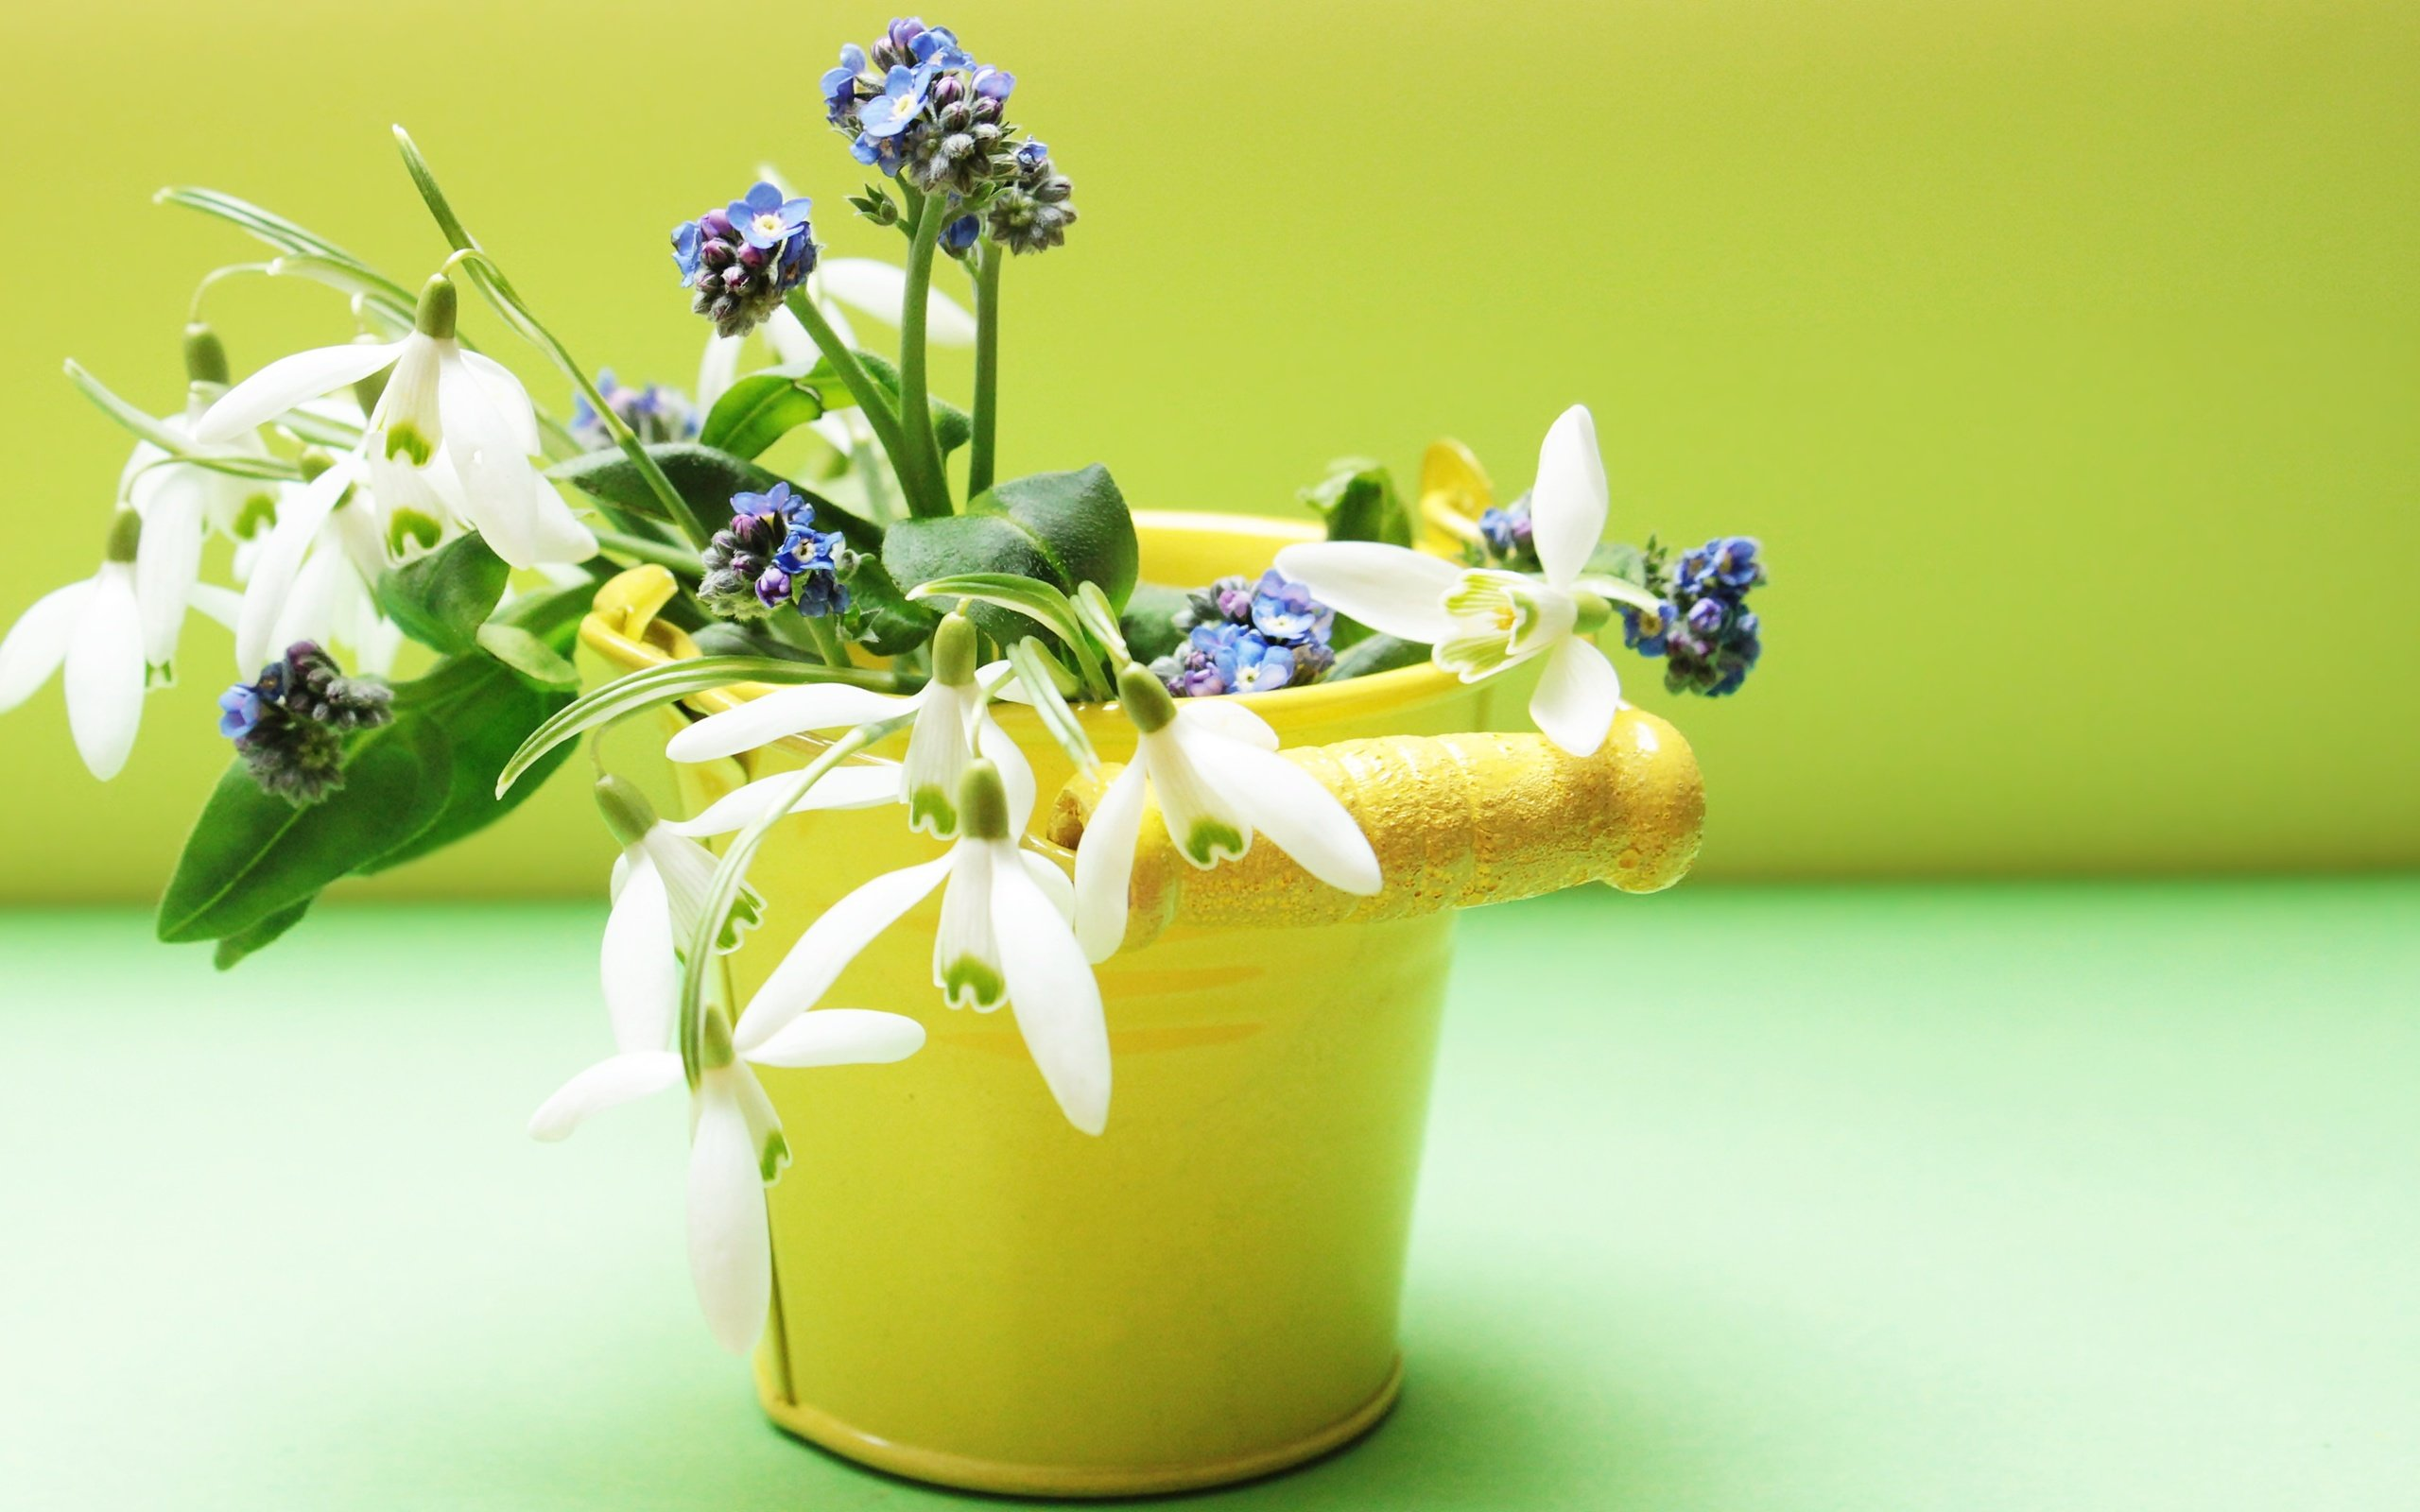 природа цветы ведро  № 464575 загрузить